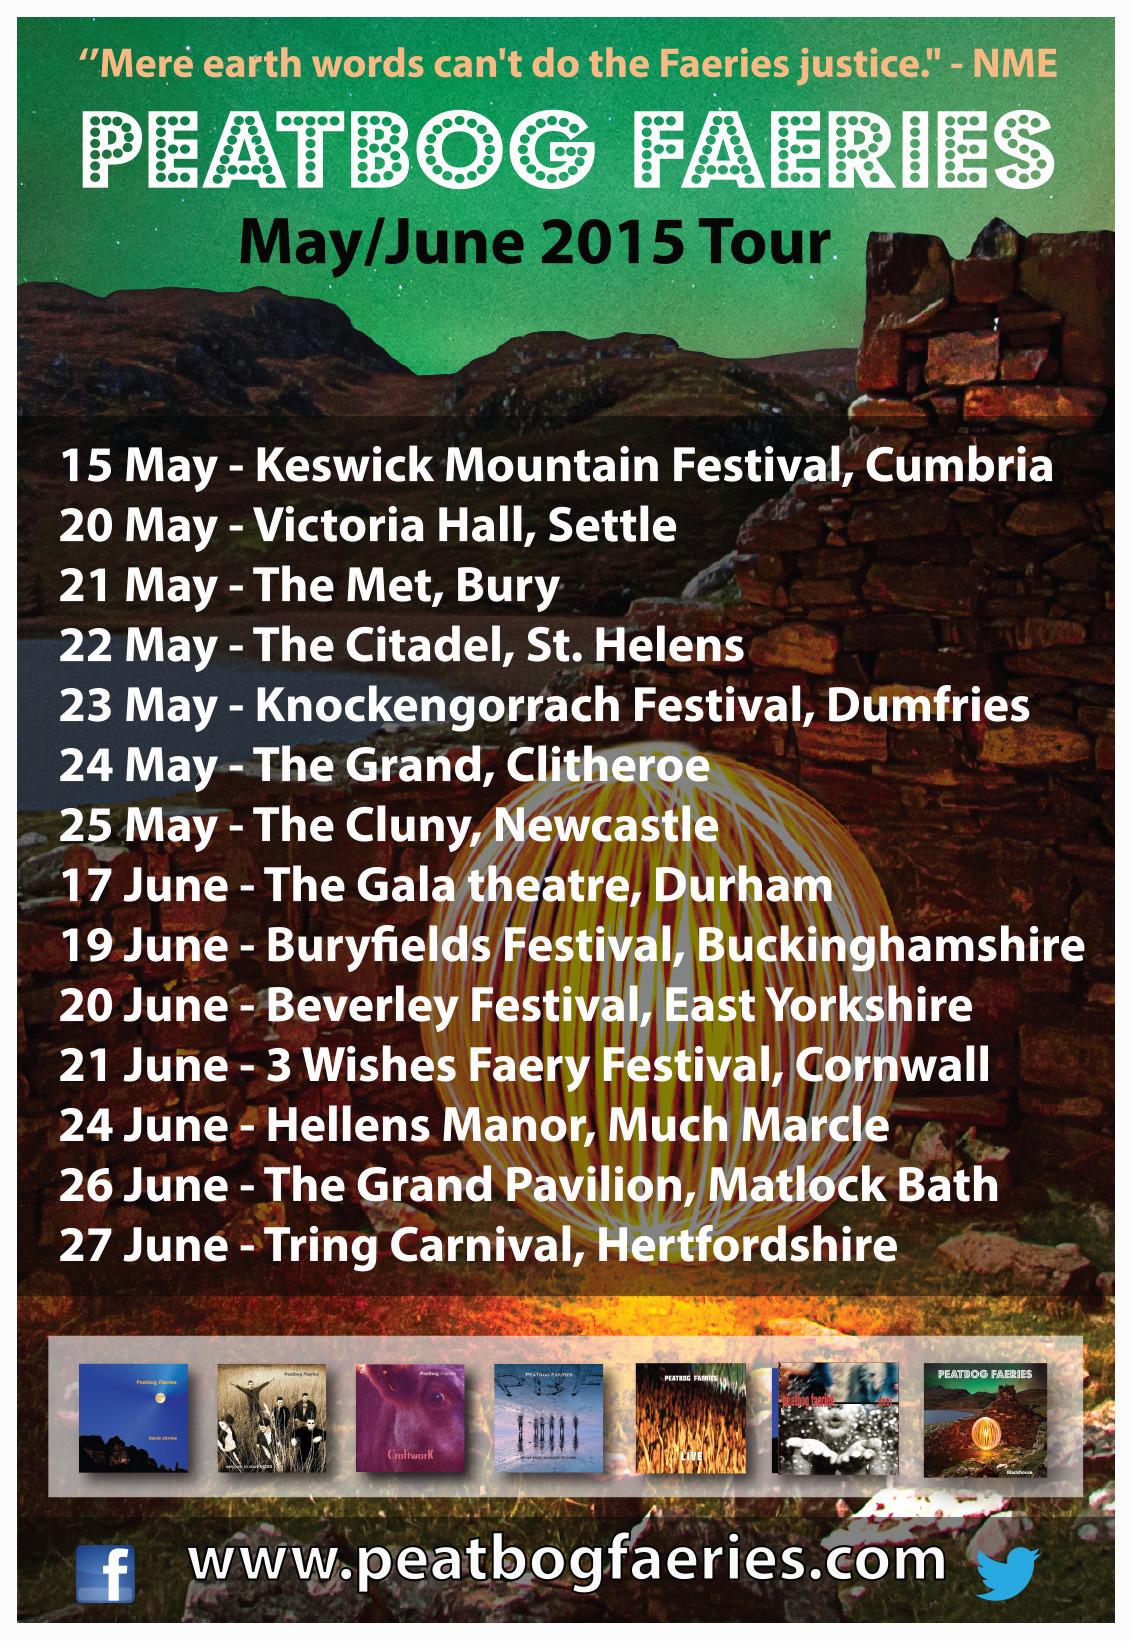 Peatbog 2015 tour ad